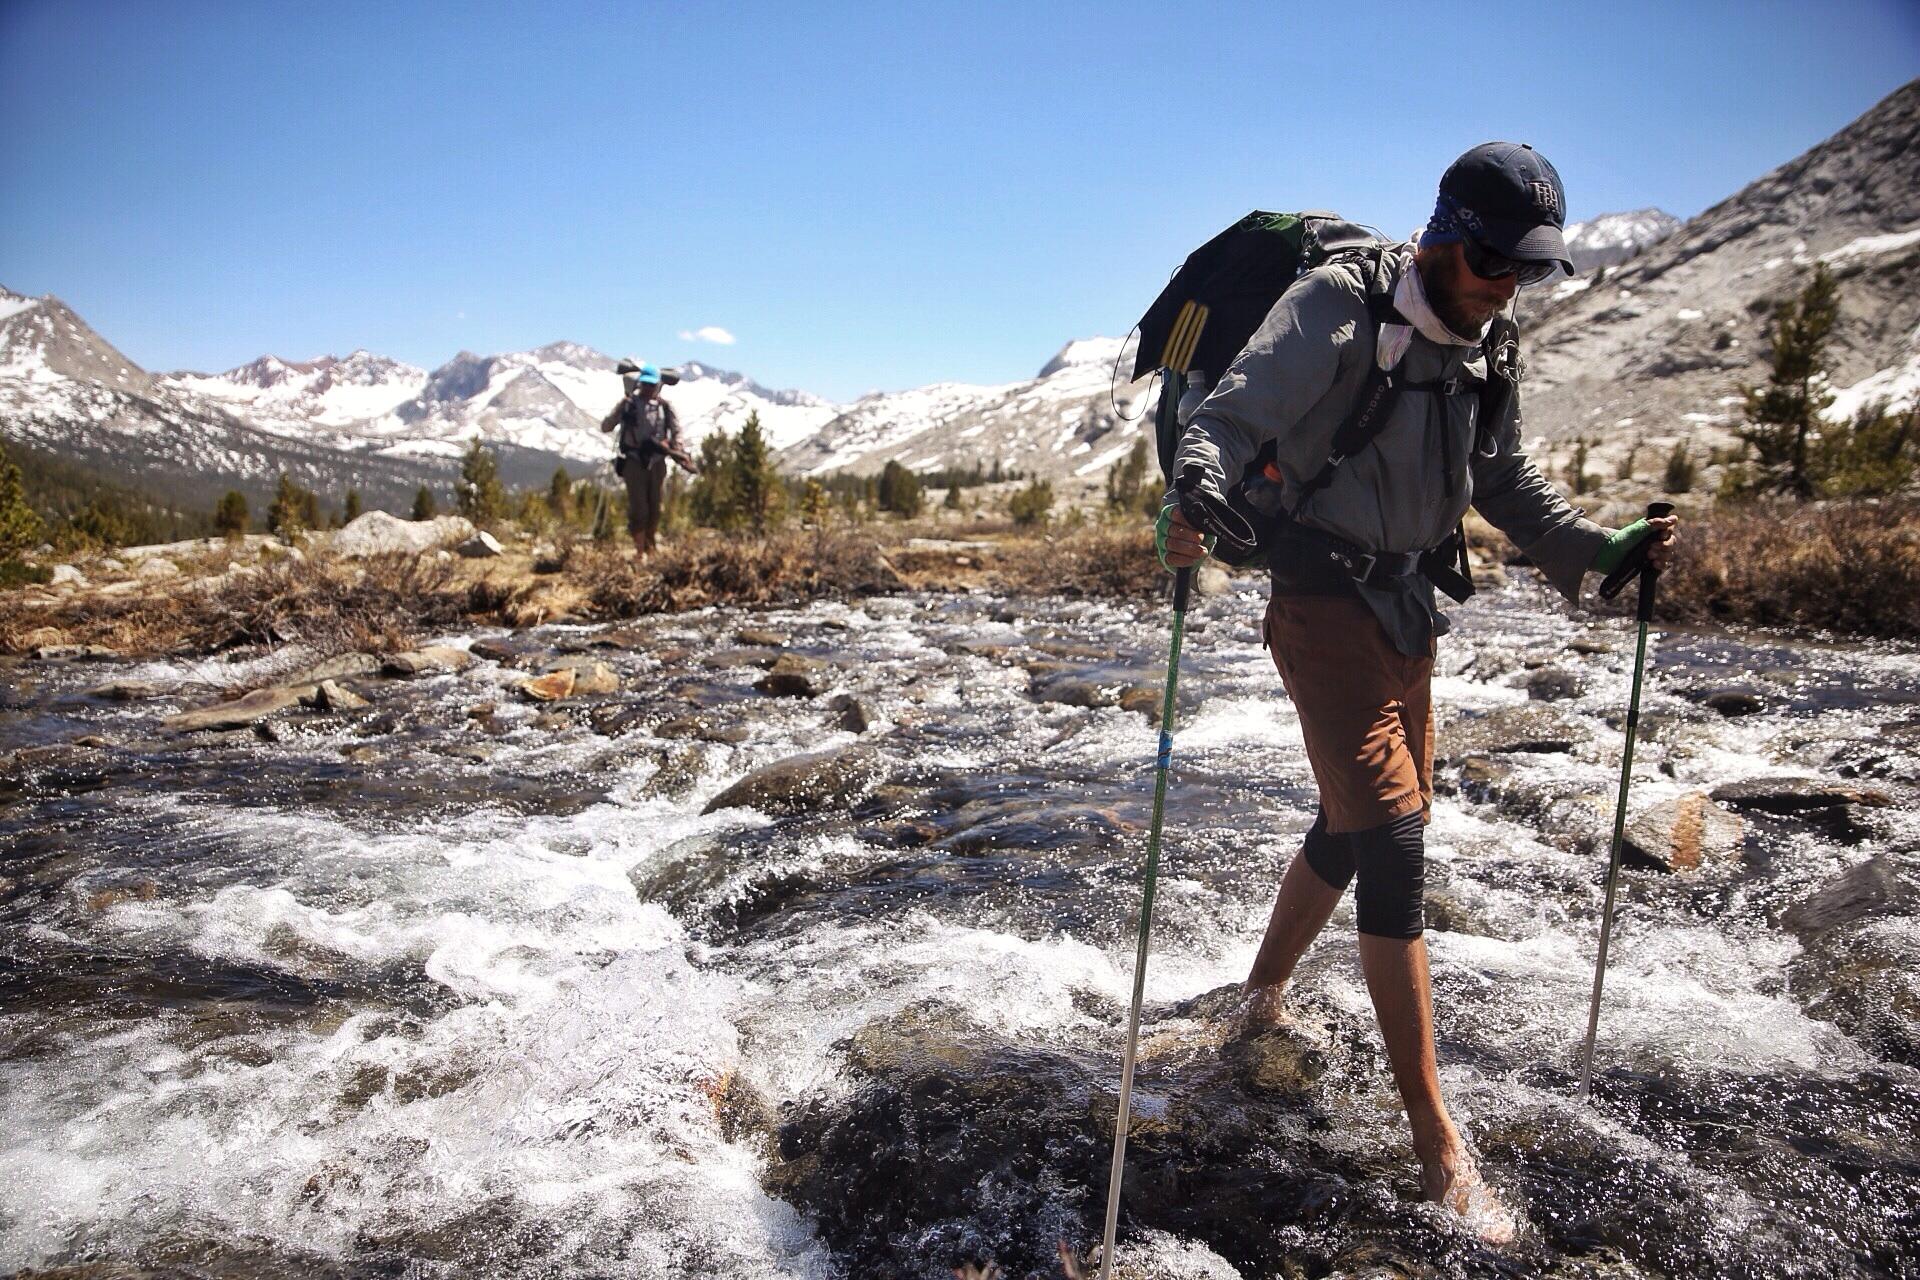 Epic stream crossings in the Sierra. Dan did this one barefoot.